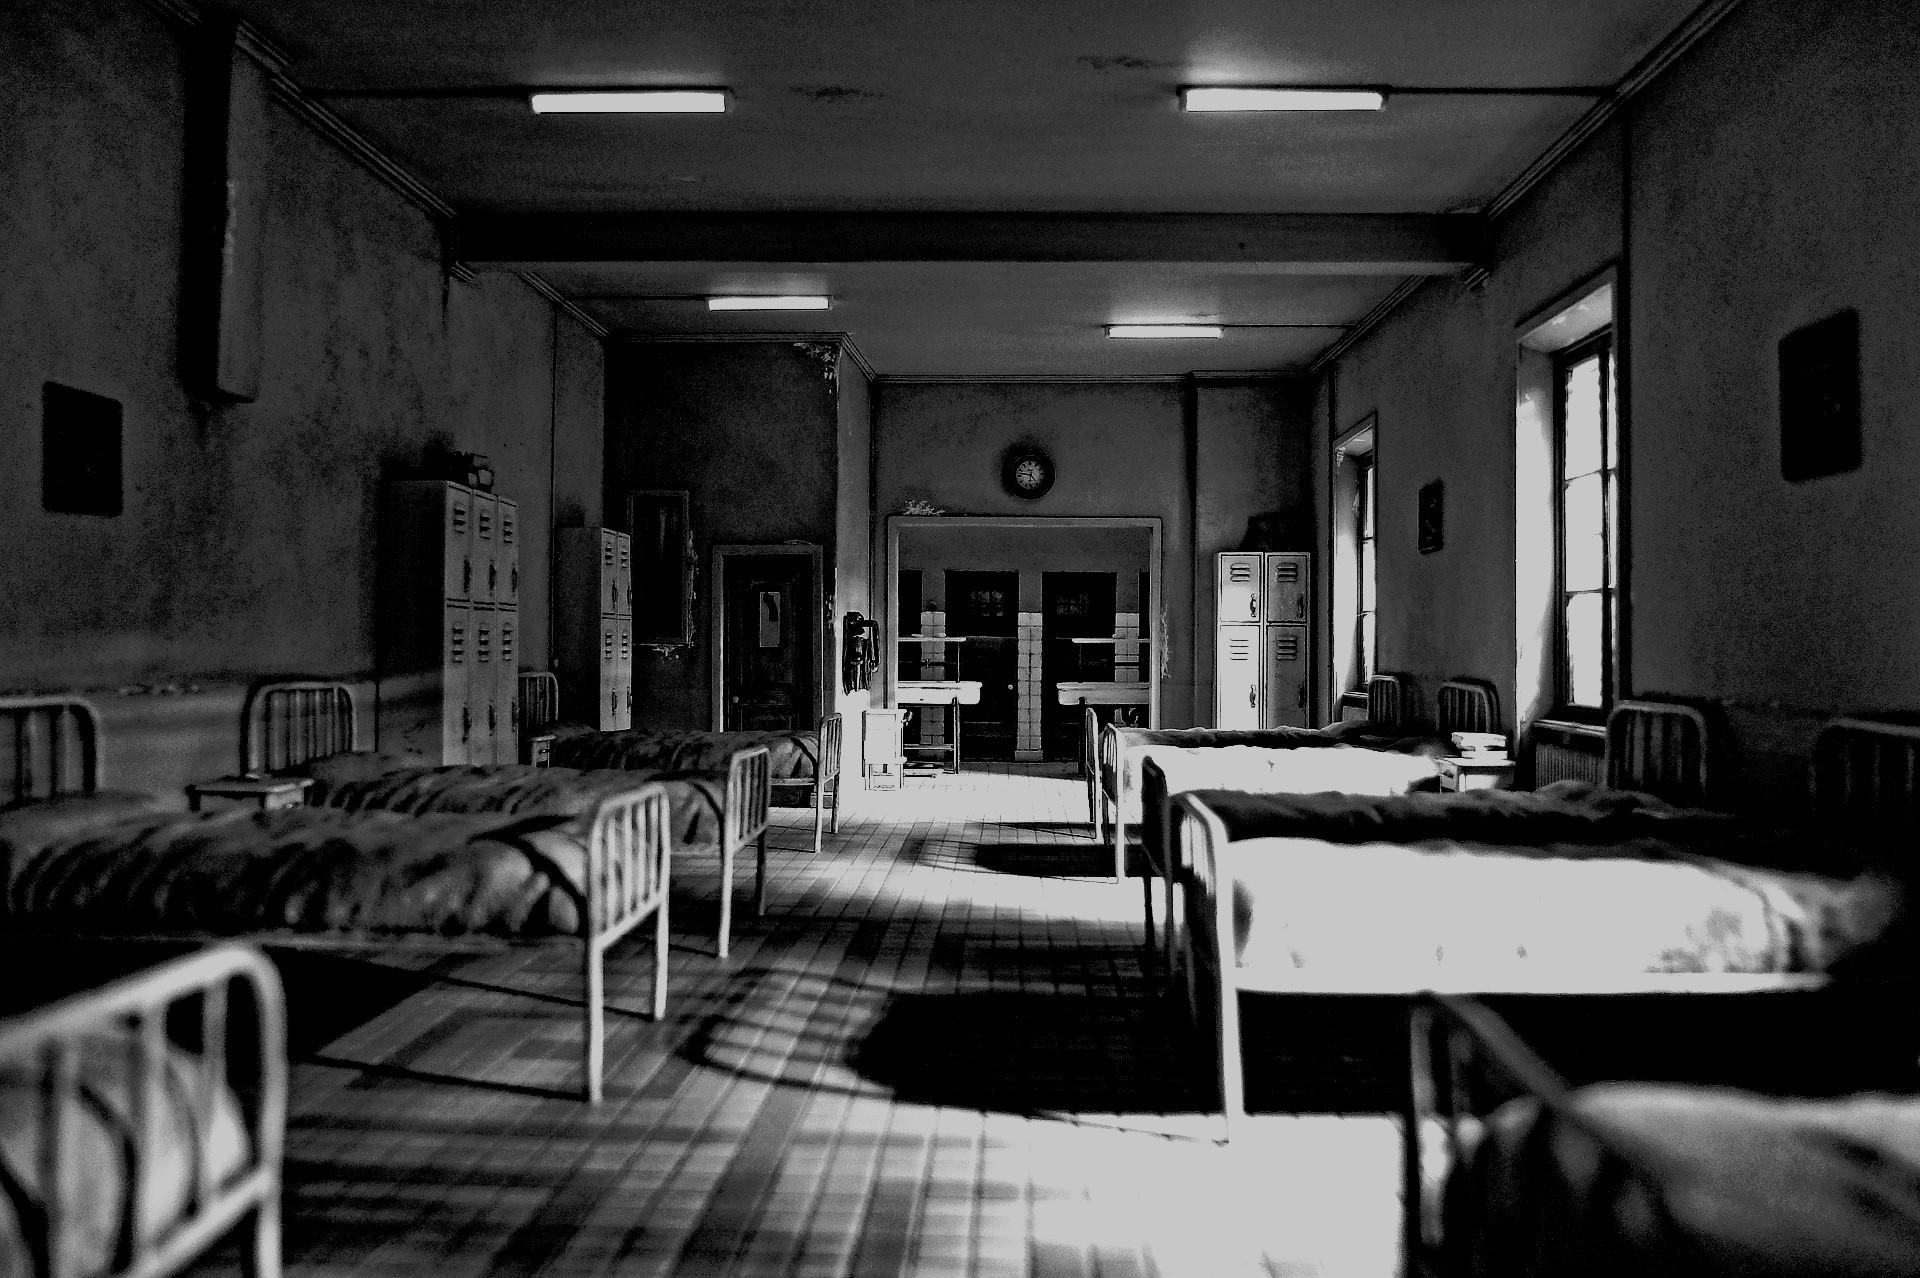 ▲宿舍,寢室 。(圖/取自免費圖庫Pixabay)